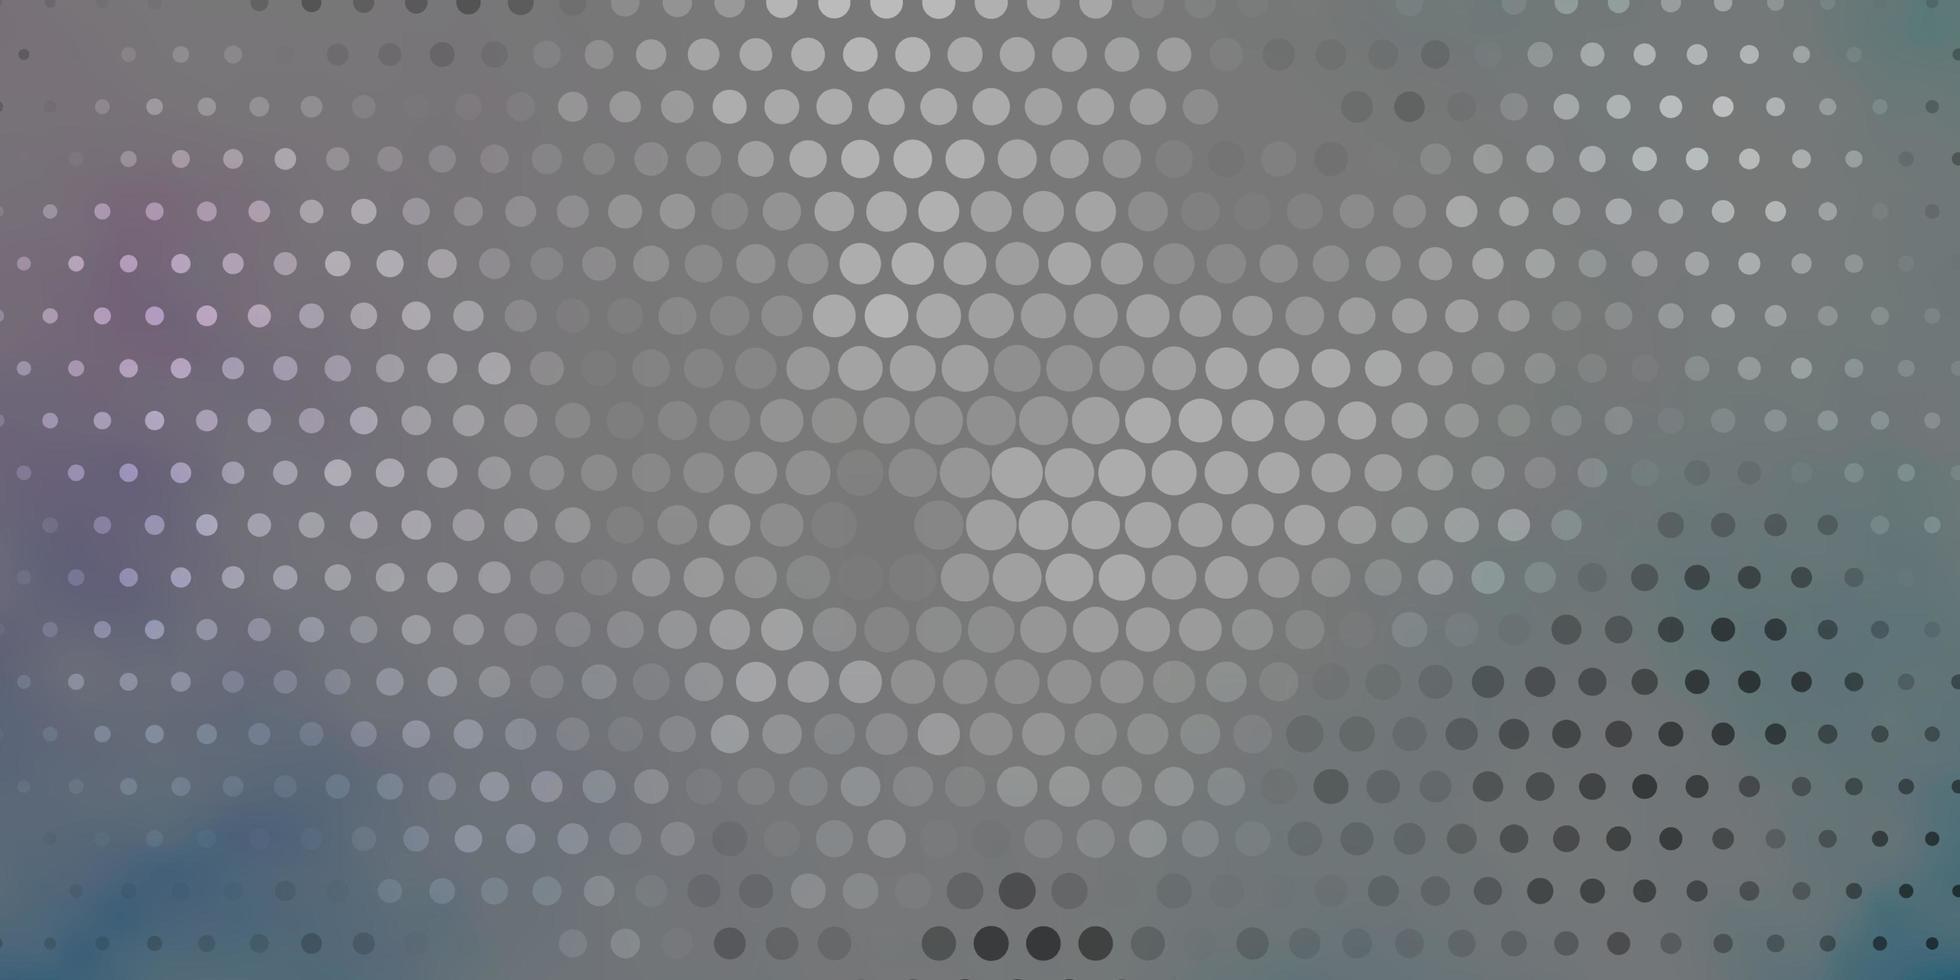 motif gris, rose et bleu avec des cercles. vecteur